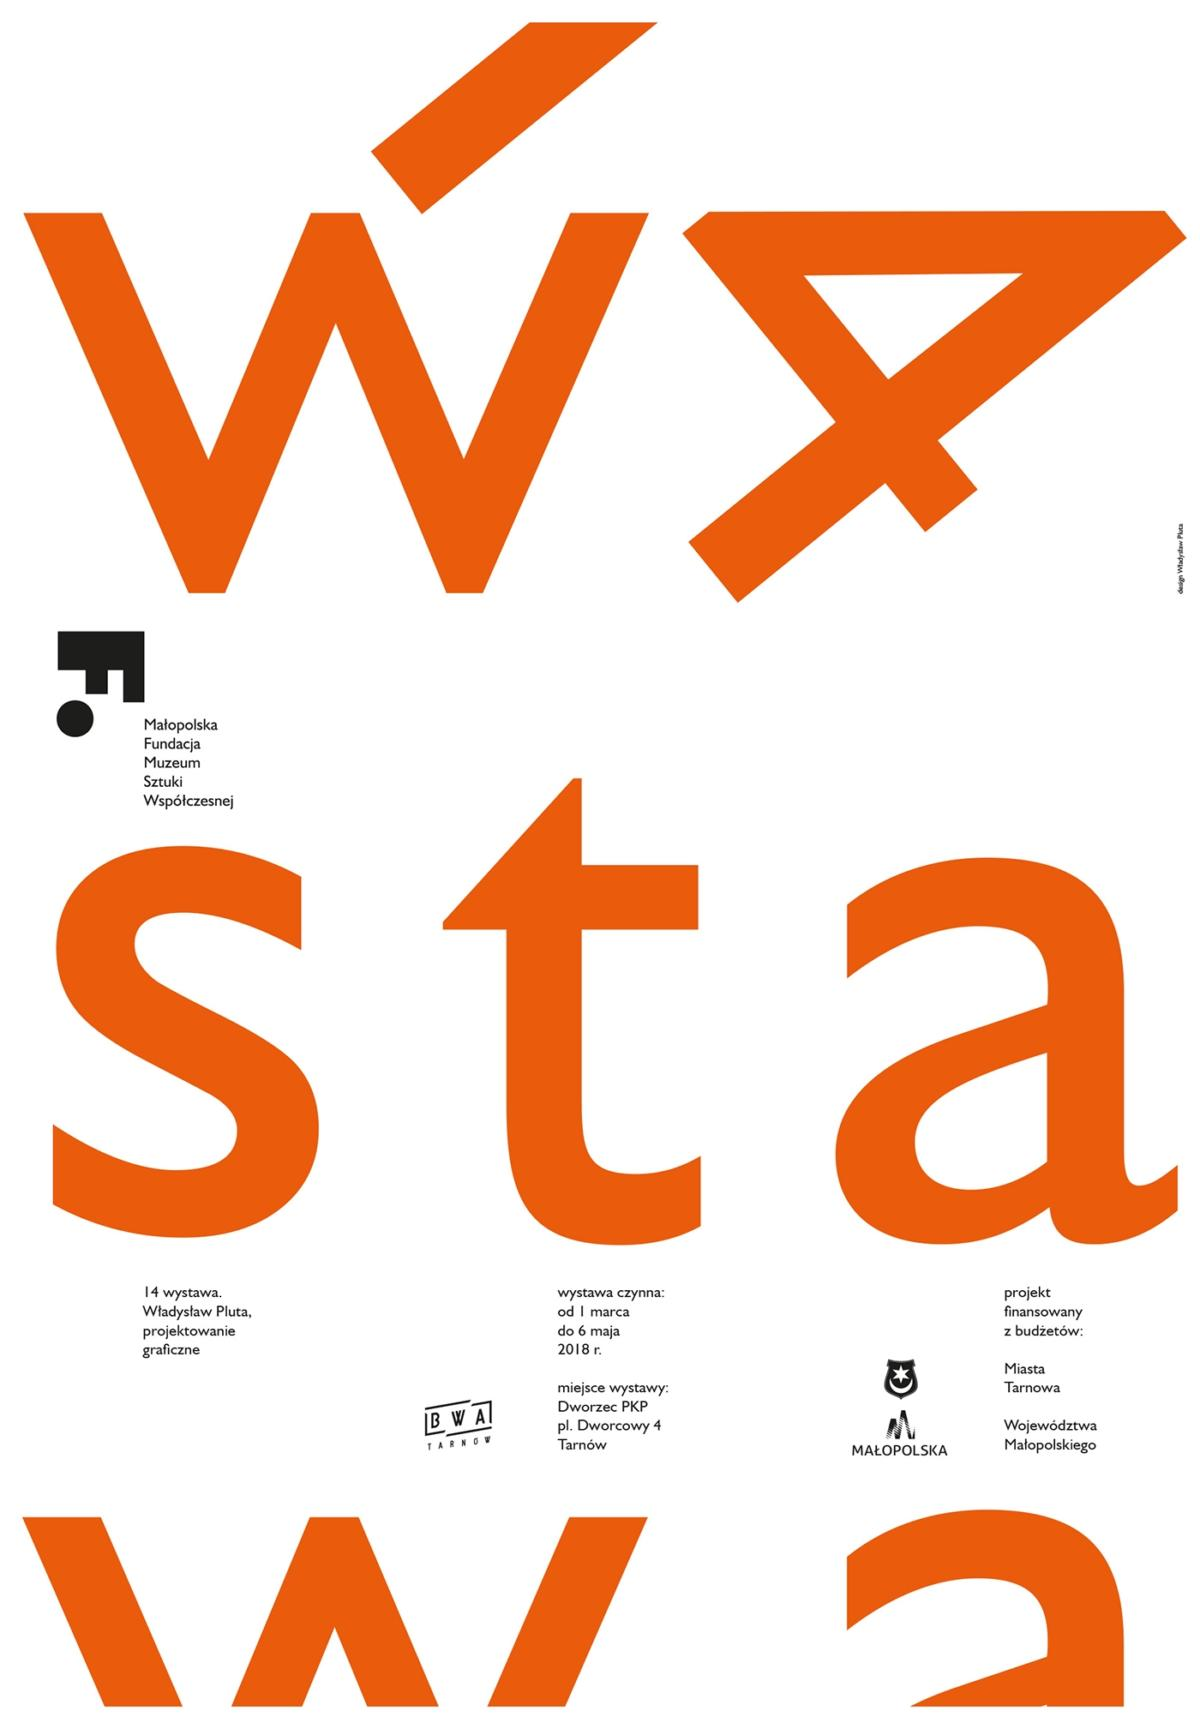 """""""14 wystawa. Władysław Pluta, projektowanie graficzne"""" wBWA Tarnów"""